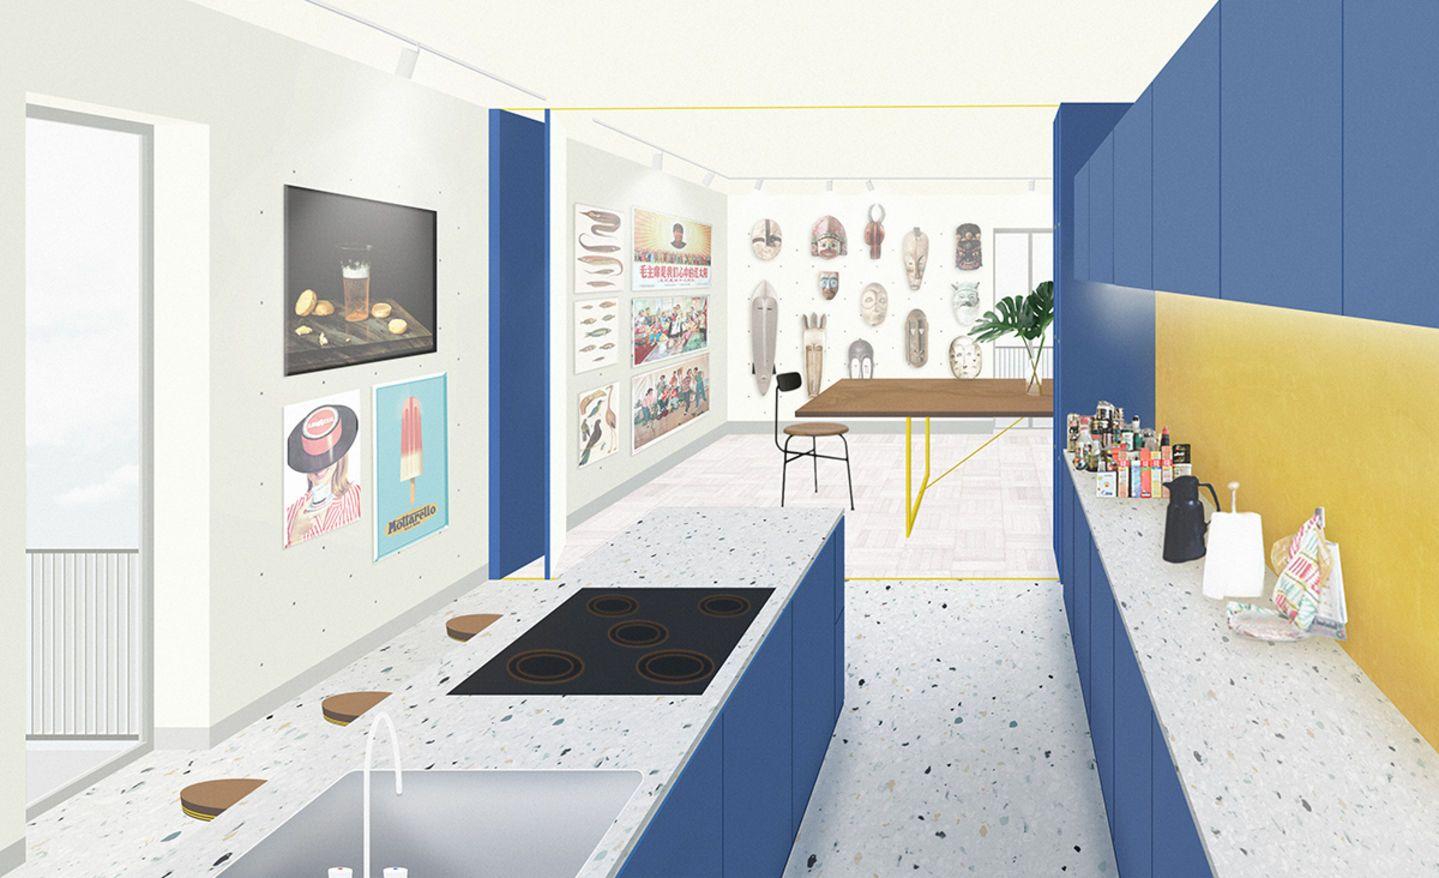 Fosbury Architecture Casa Per Viaggiatori Divisare